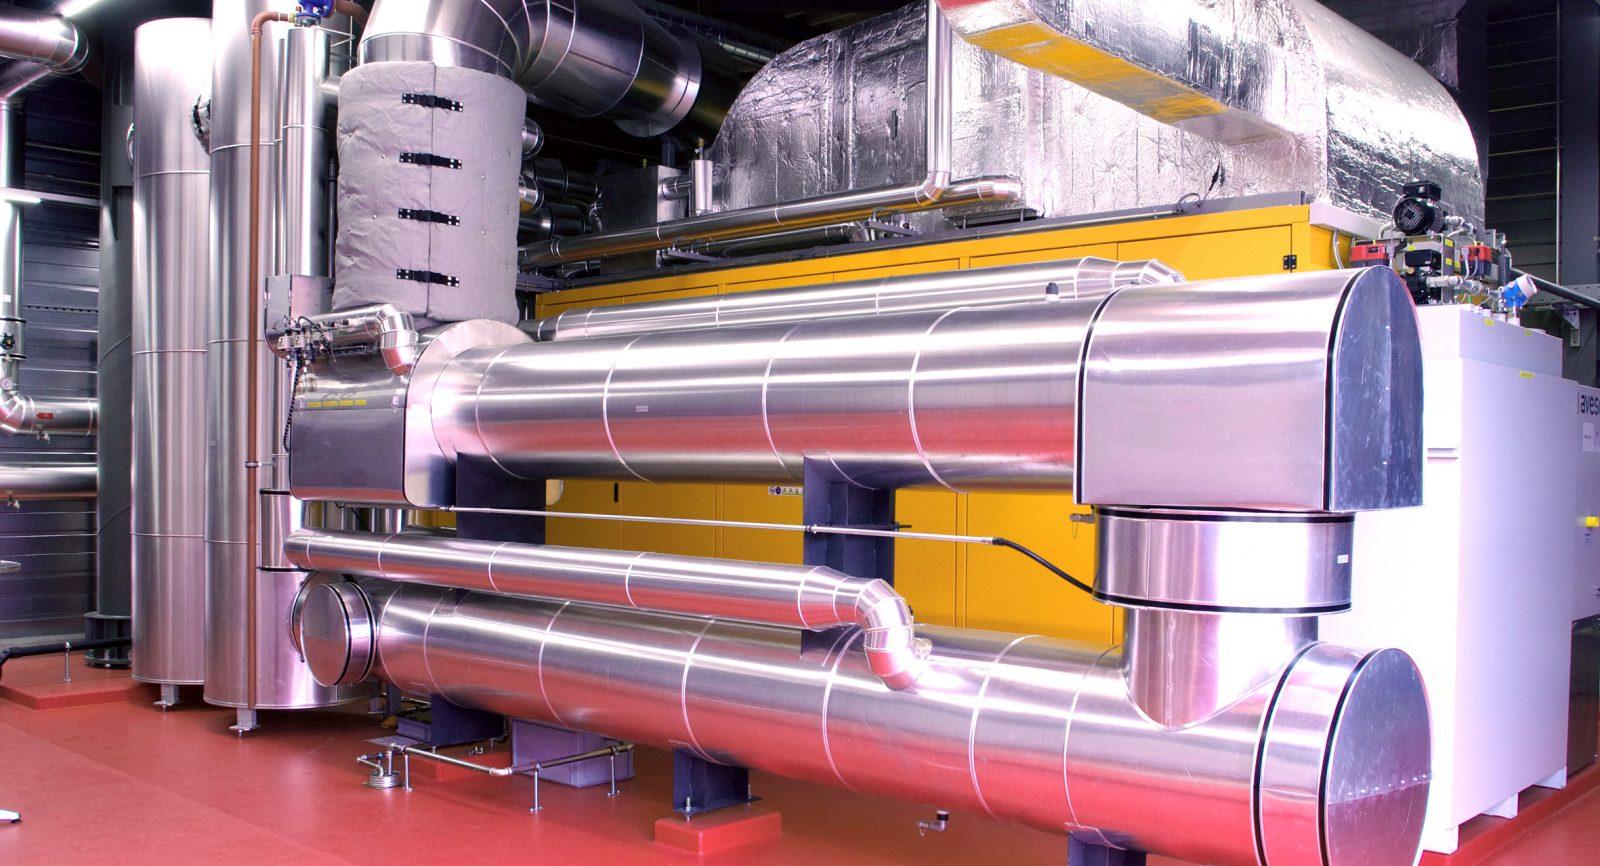 Das Blockheizkraftwerk bietet Maximalleistungen von 1600 kW thermisch und 1000 kW elektrisch.